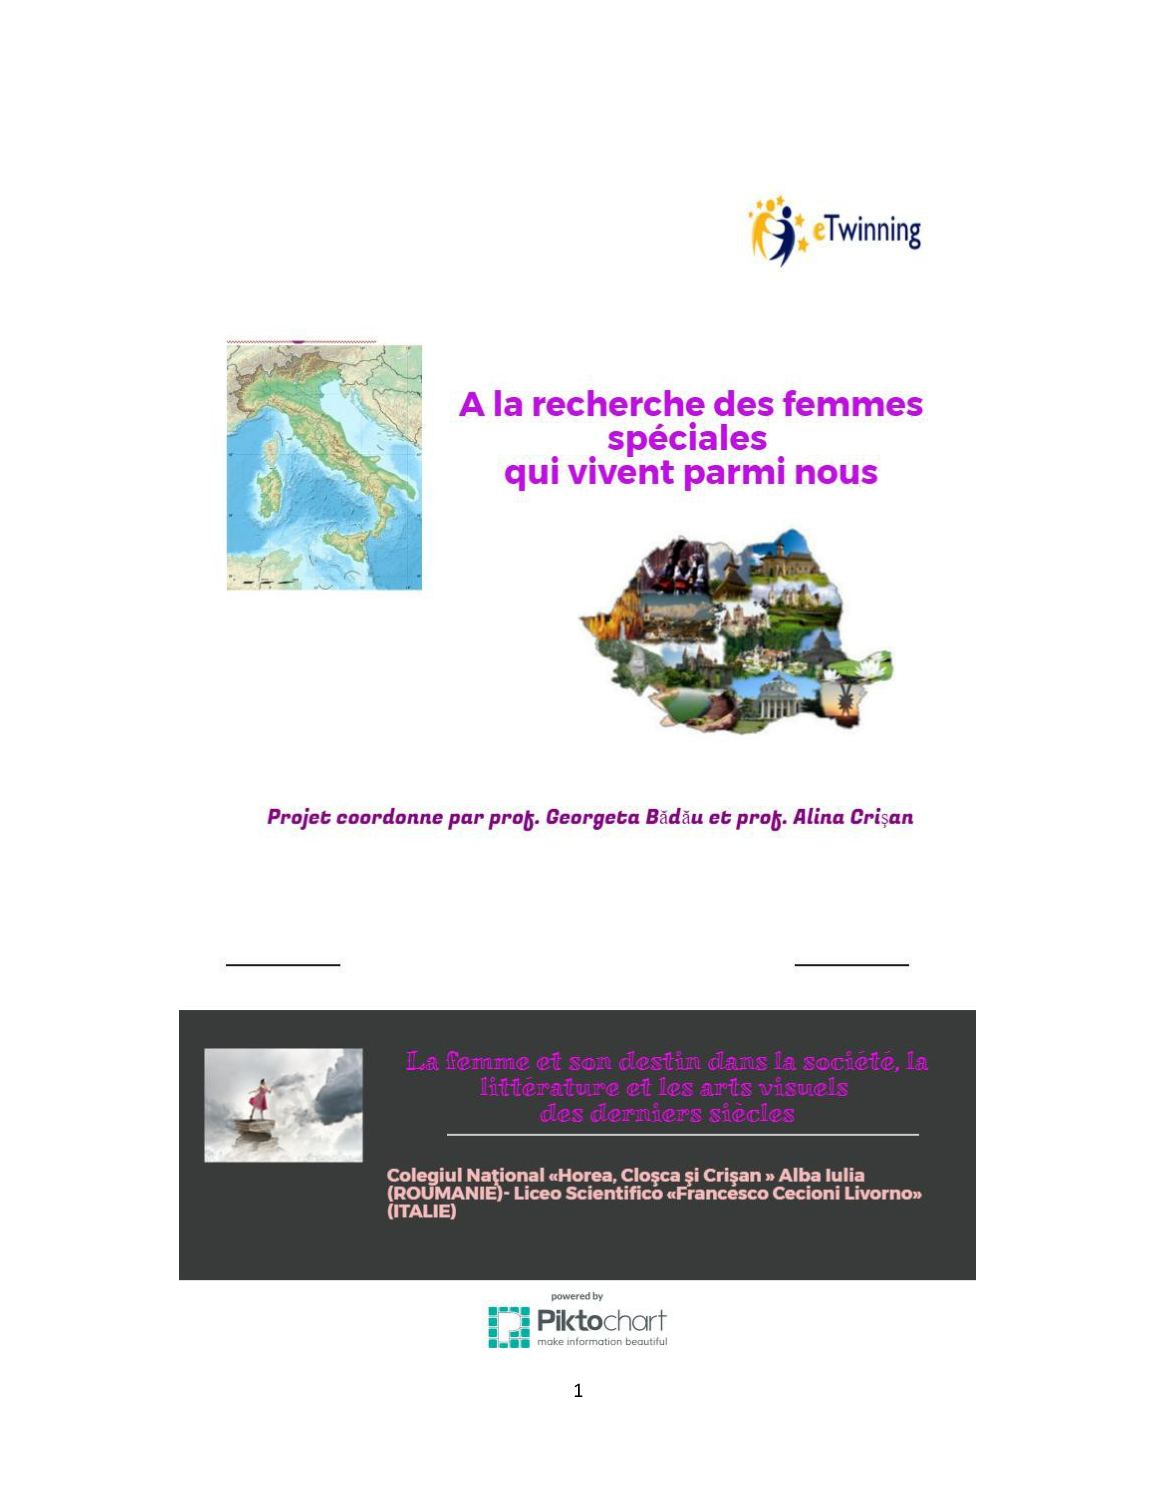 Site-ul de matrimoniale Singles 50 - Recenzii și păreri - trofeea.ro